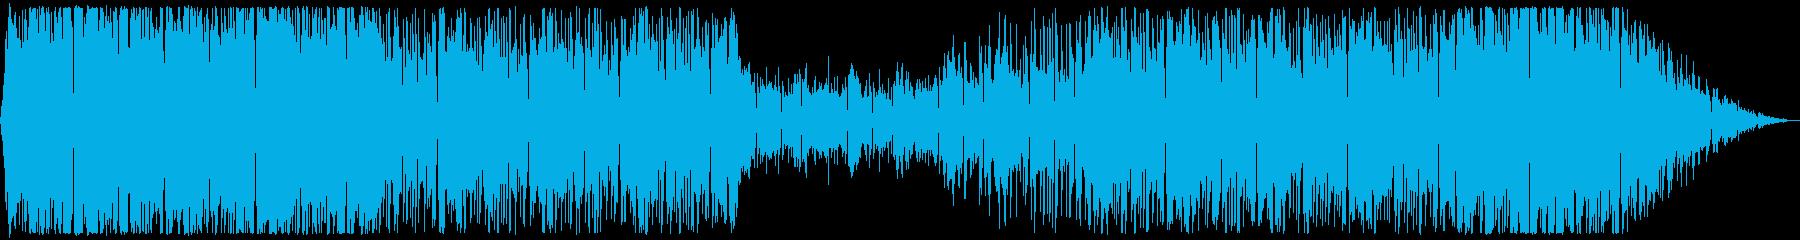 ソウルとDnBを合わせたクールな曲の再生済みの波形